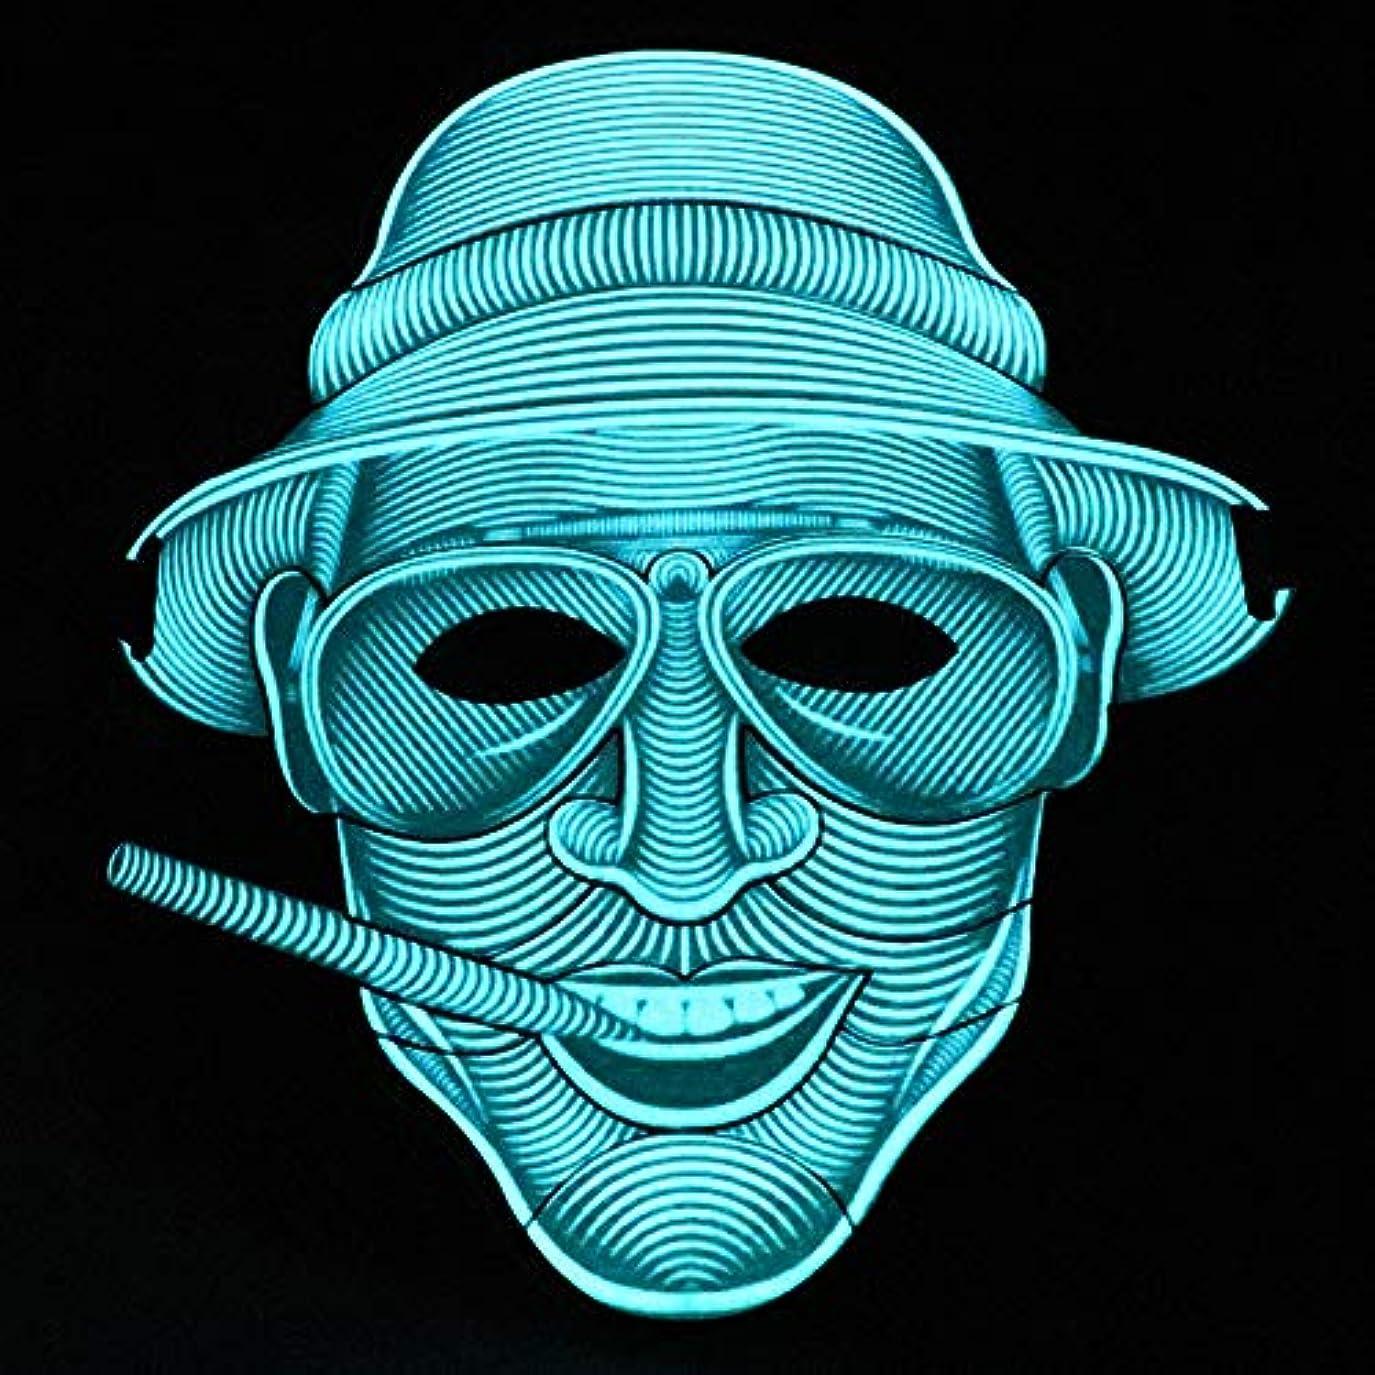 豊富マリナー階層照らされたマスクLED創造的な冷光音響制御マスクハロウィンバーフェスティバルダンスマスク (Color : #4)